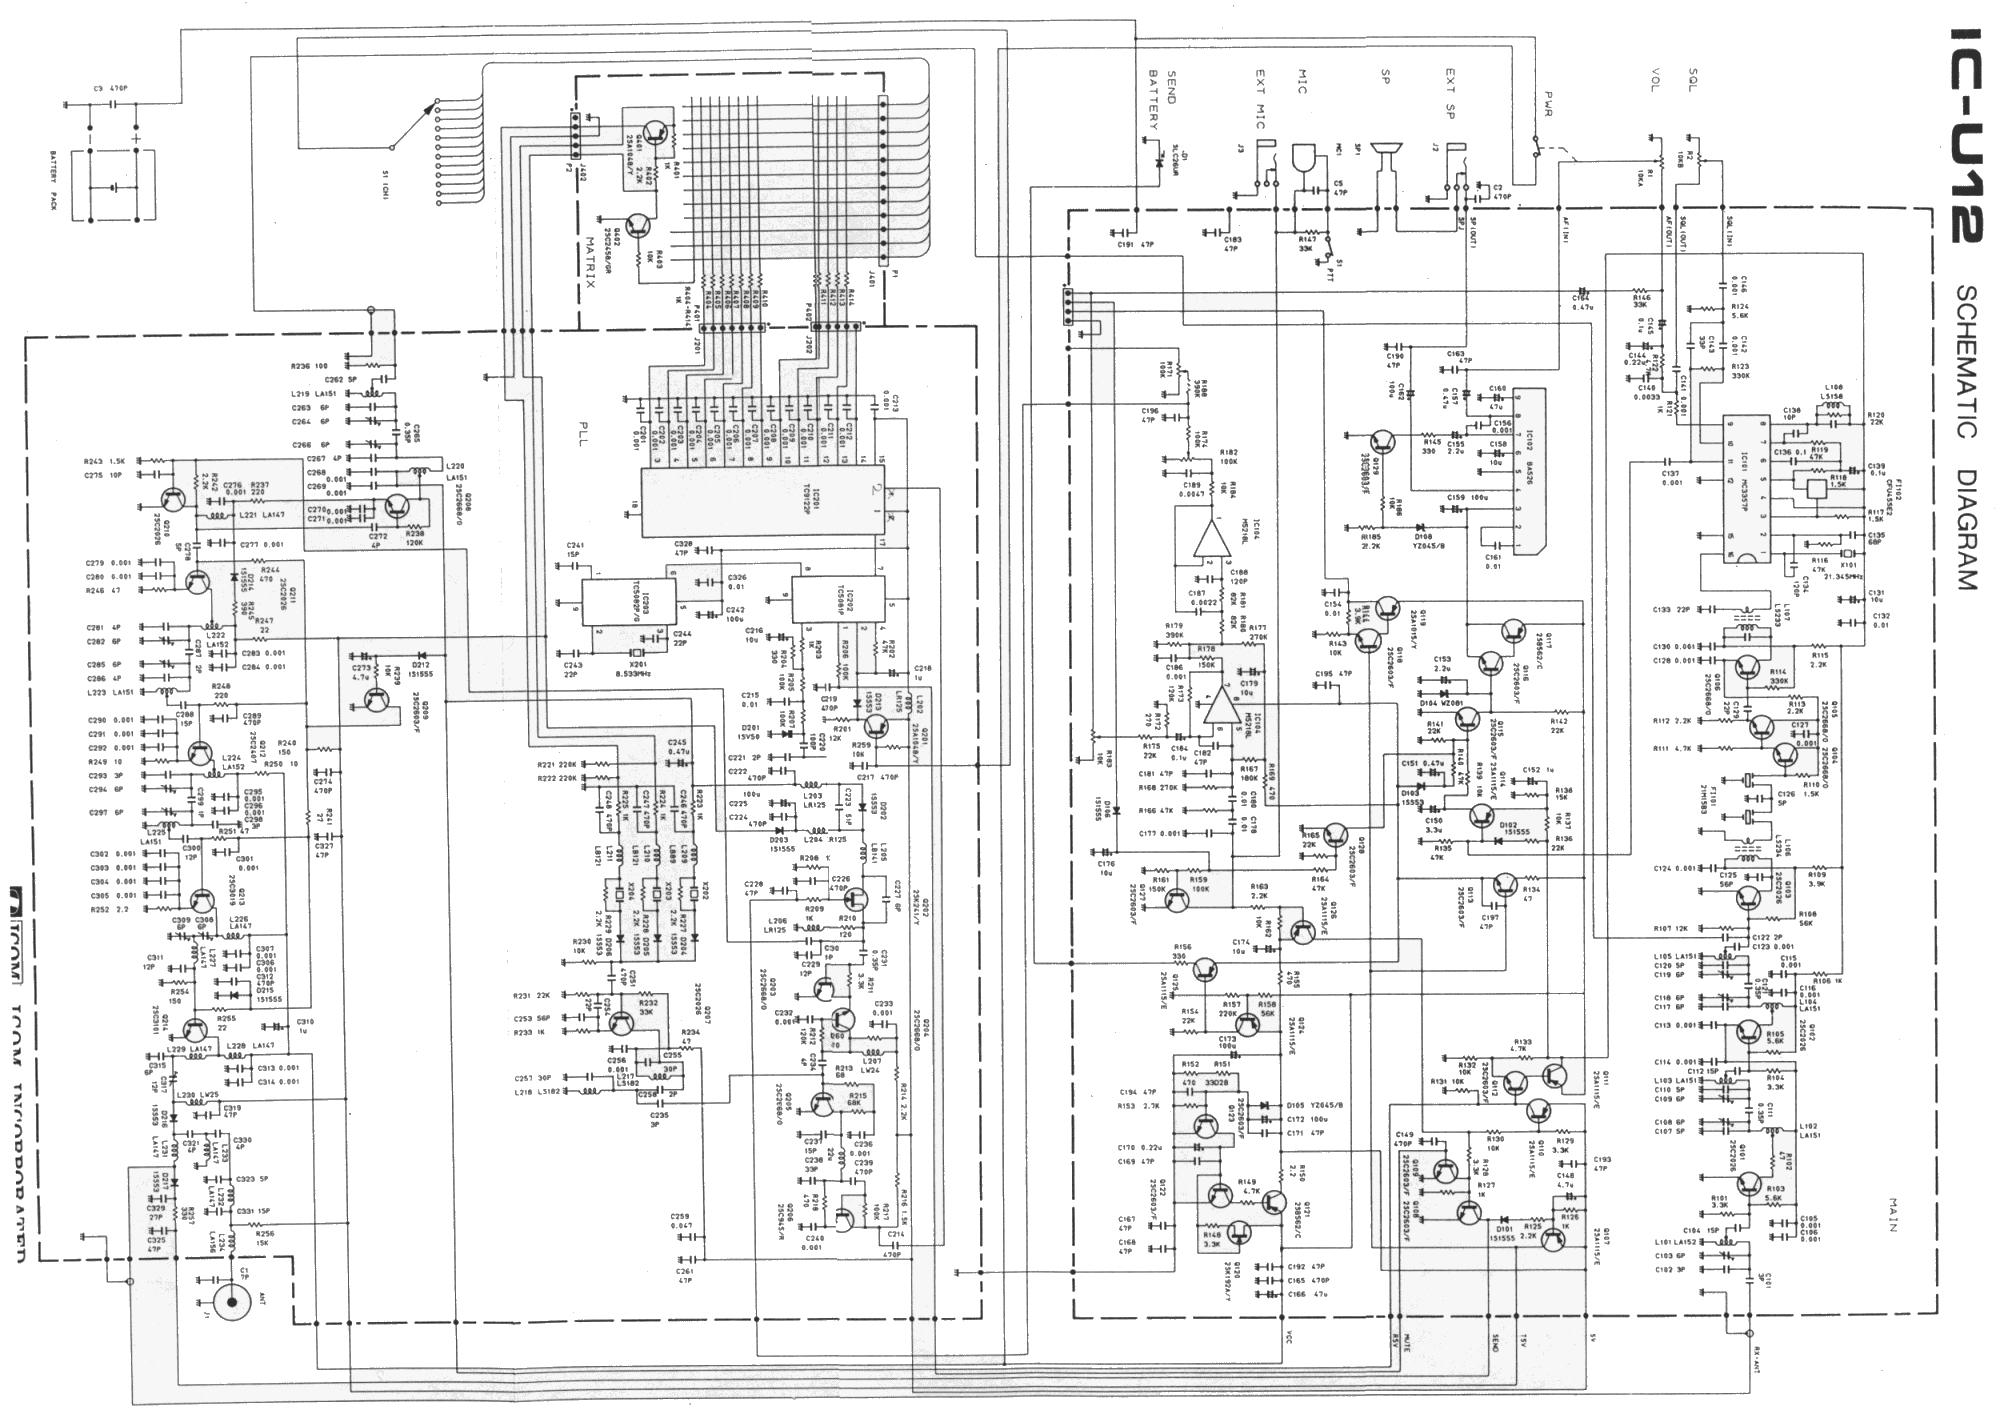 dr z250 service manual pdf